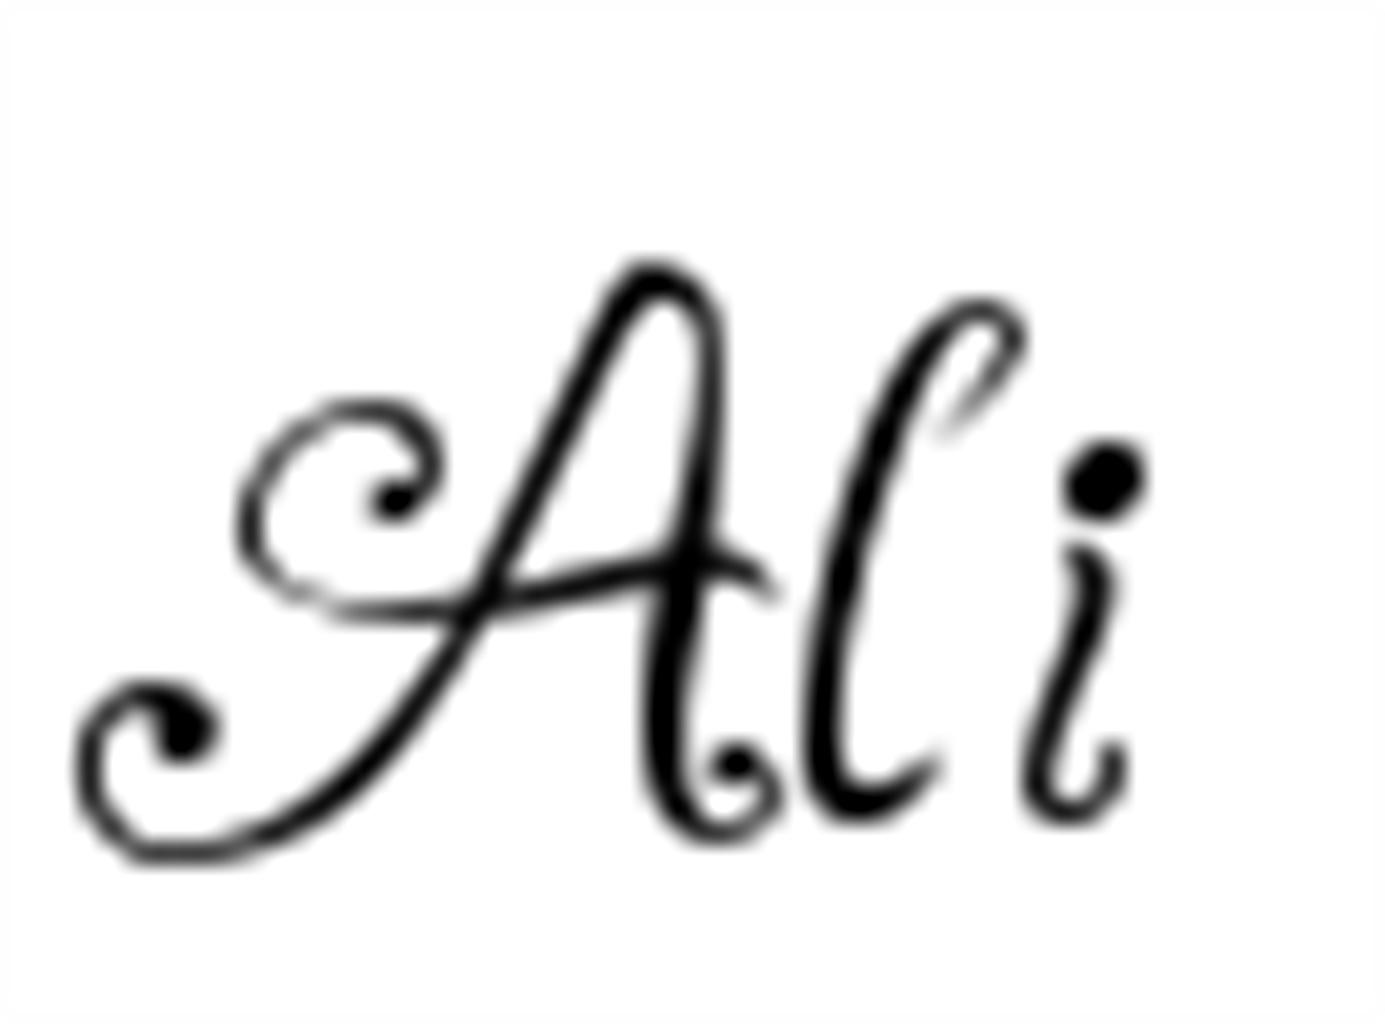 Ali Deniz Ulutaş